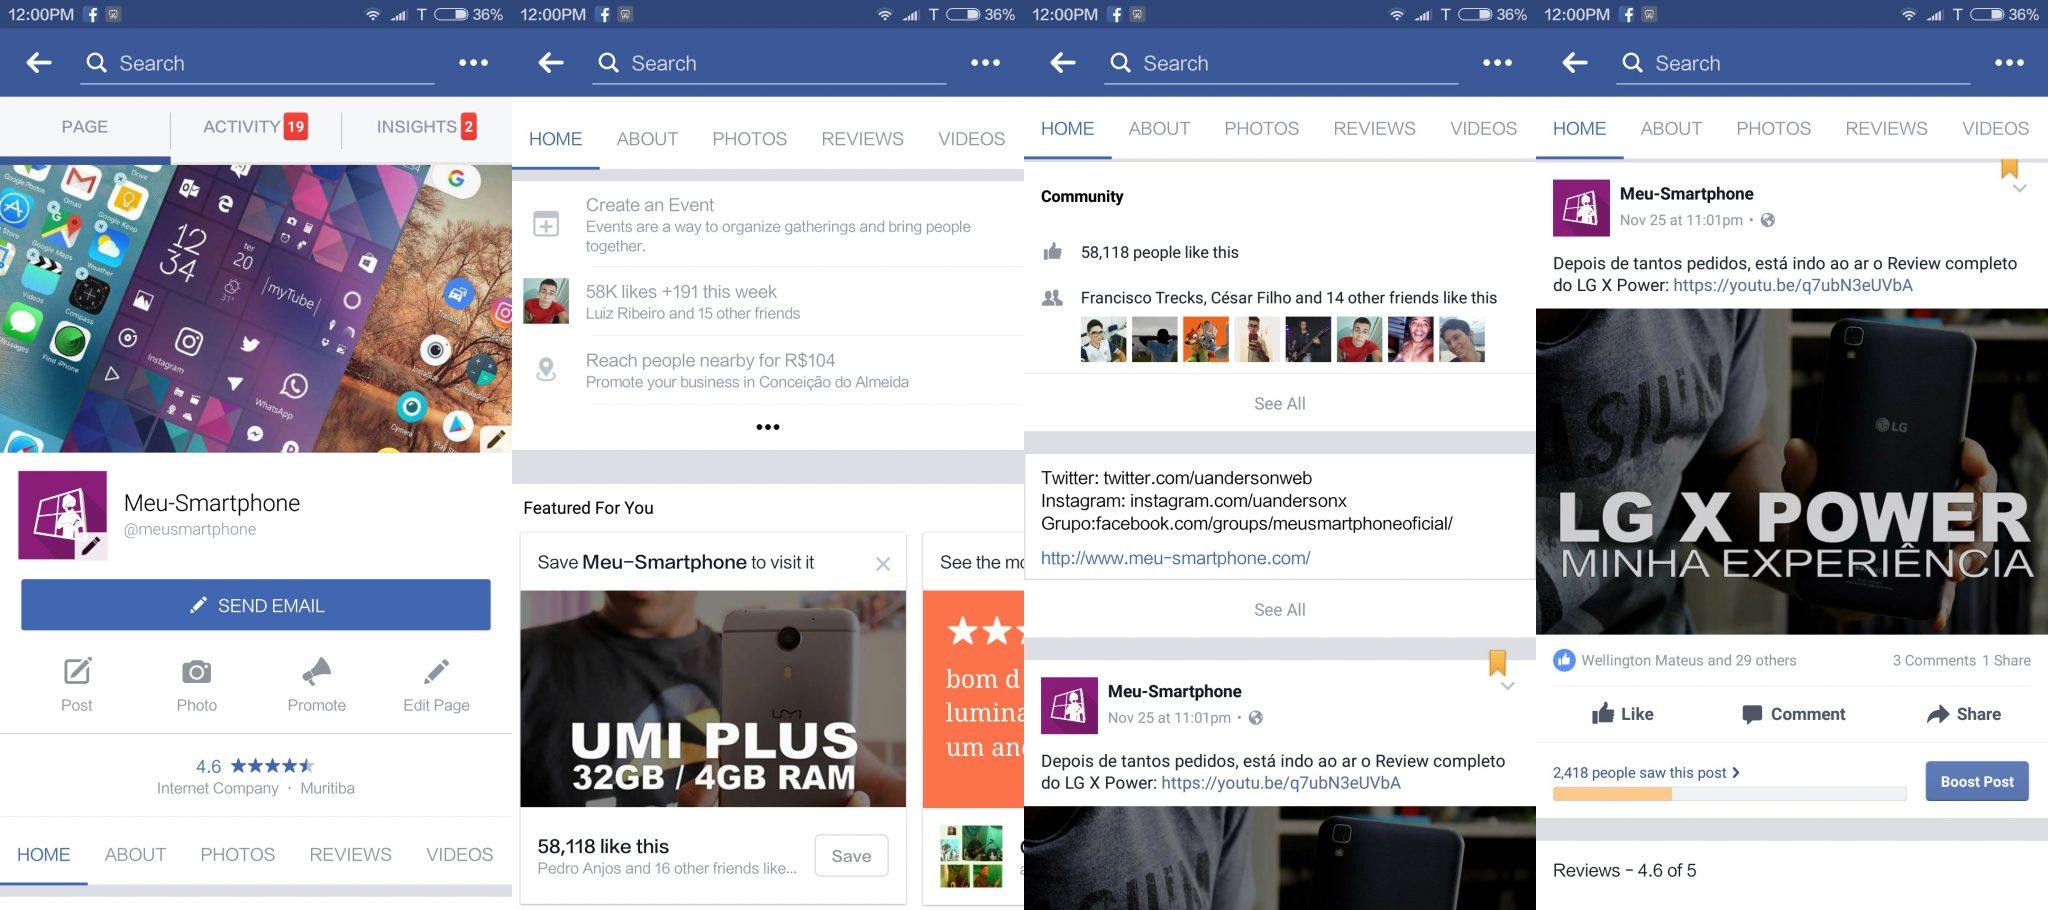 comparativo-facebook-19